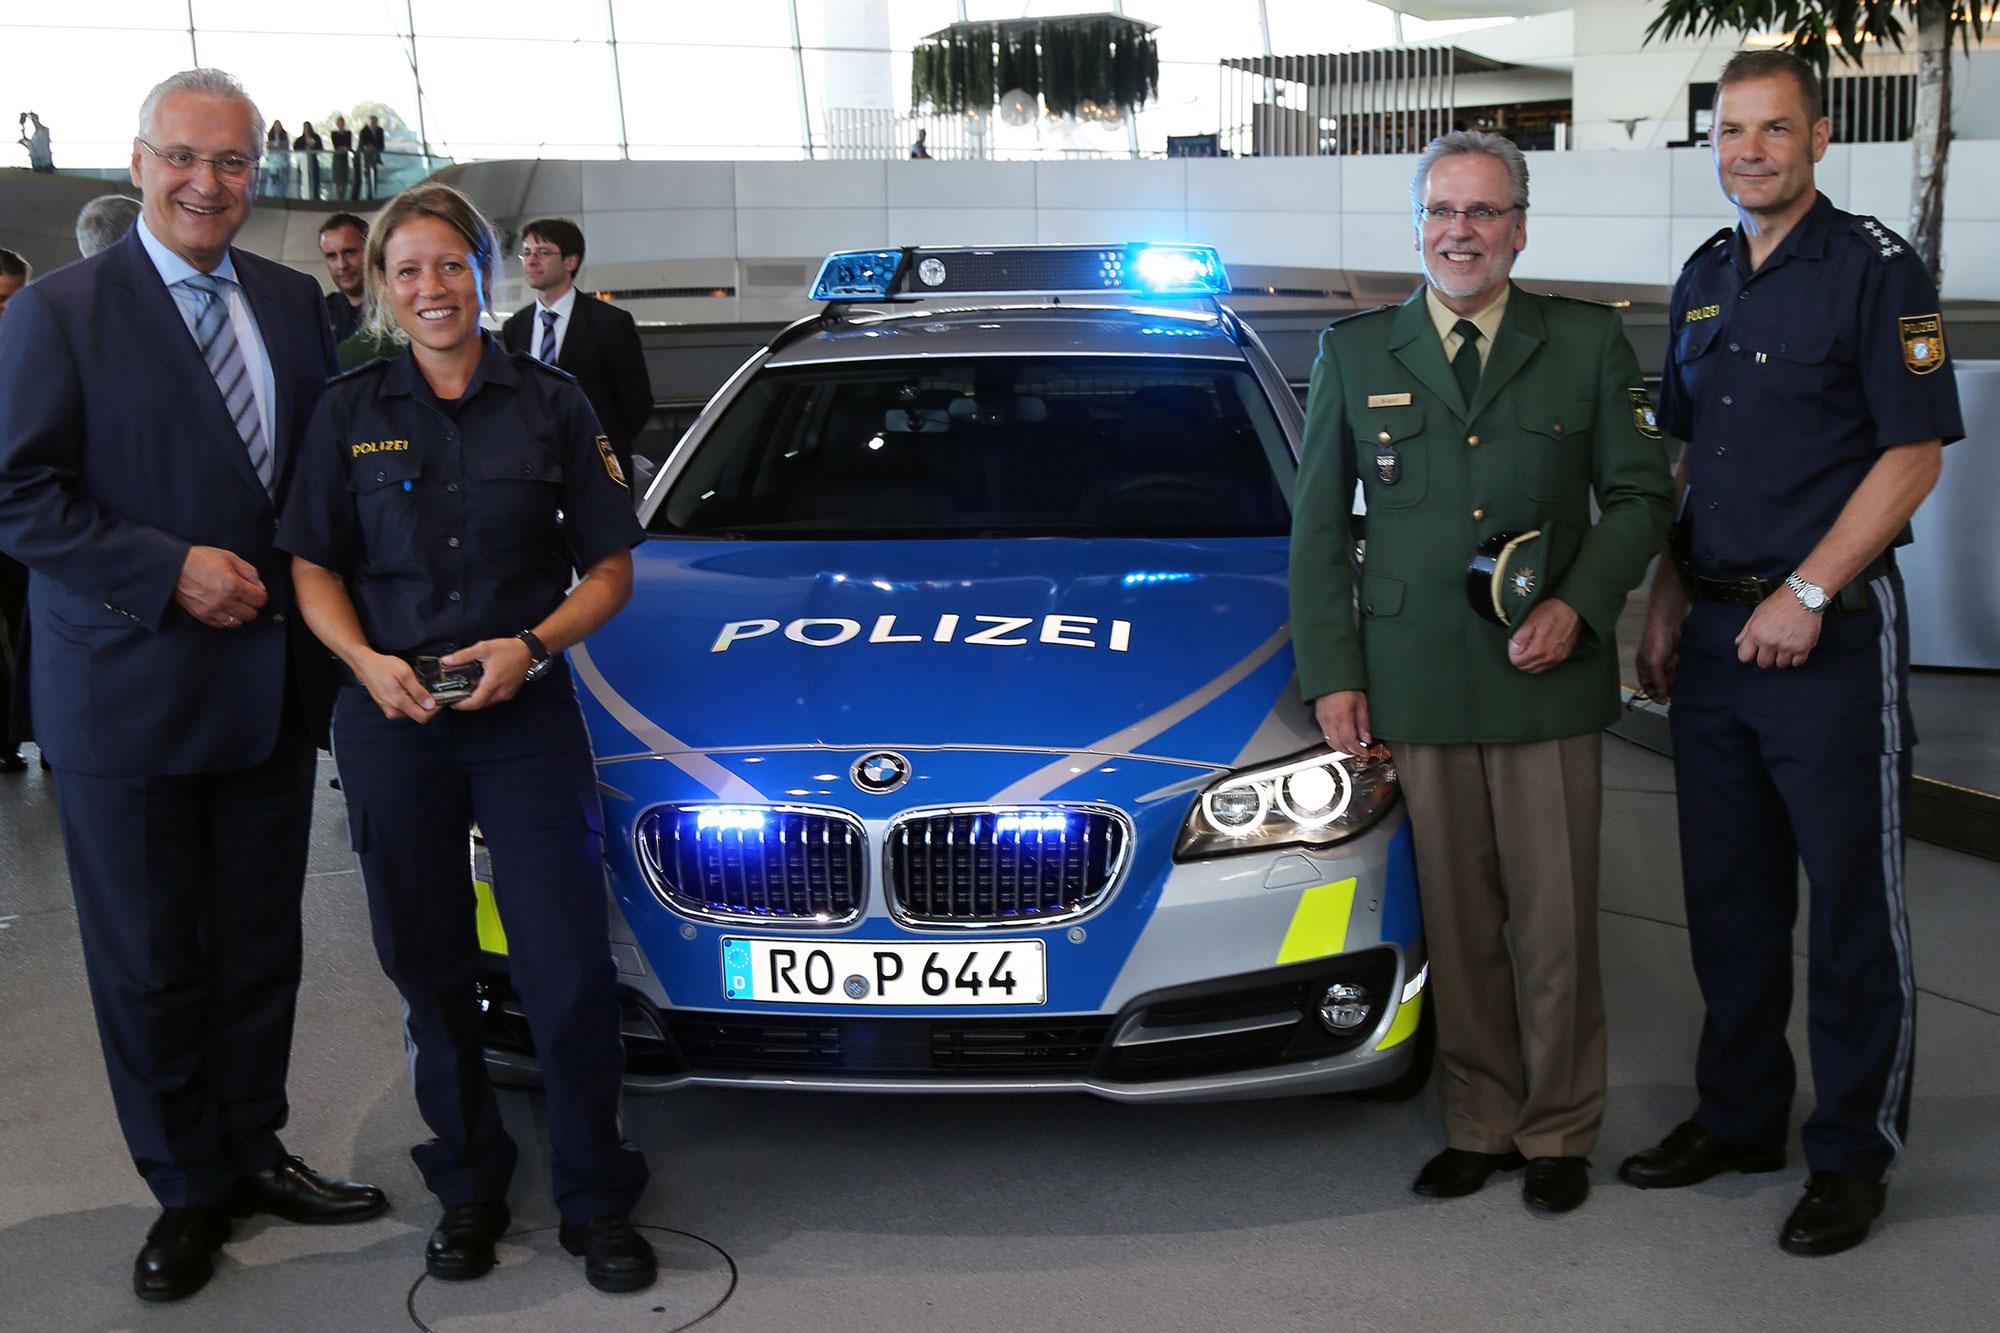 bayerische polizei f hrt ab jetzt blau. Black Bedroom Furniture Sets. Home Design Ideas